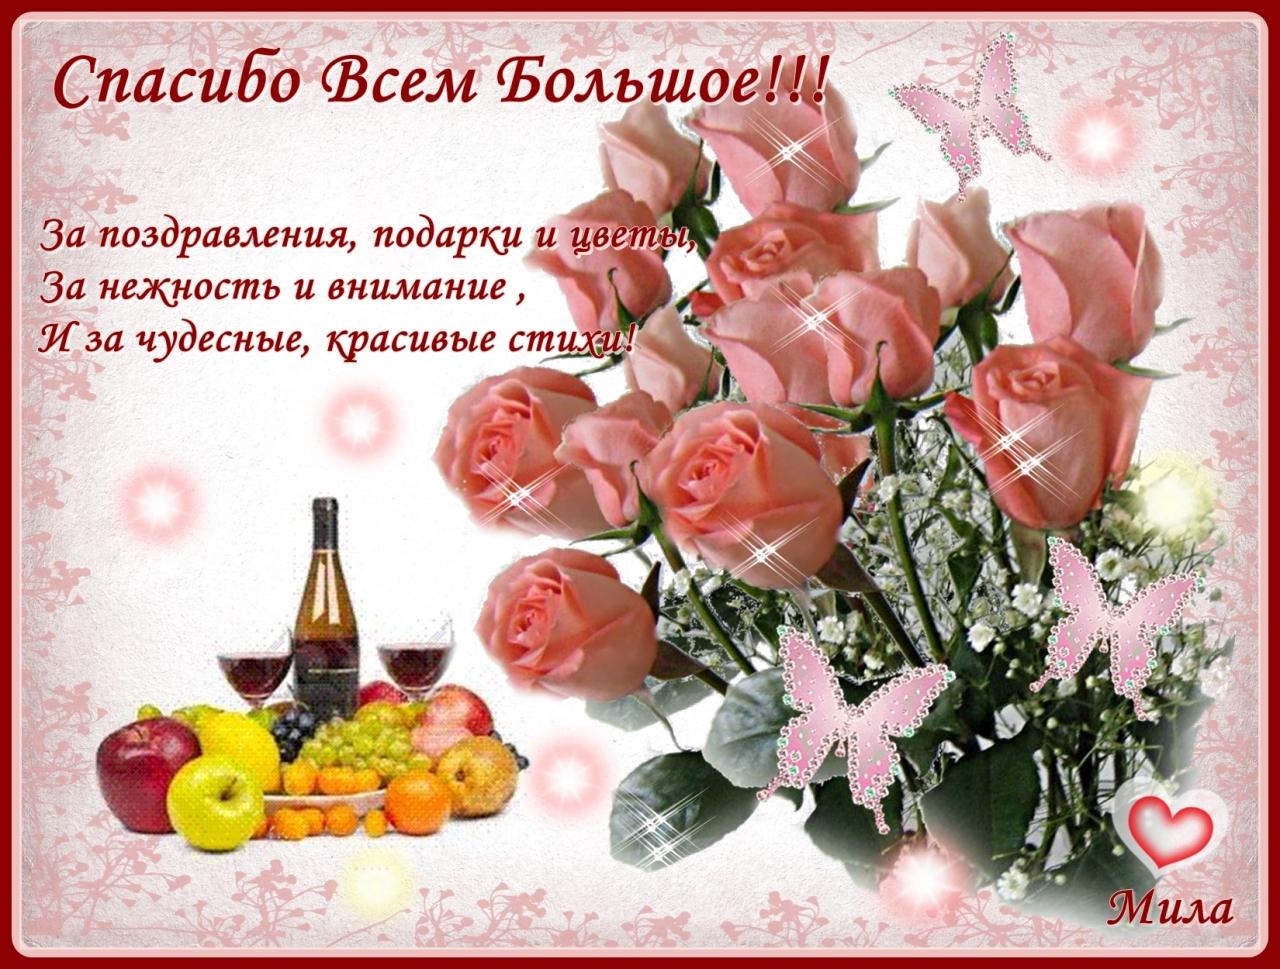 Картинки апельсином, ответное слово на поздравление с днем рождения в картинках